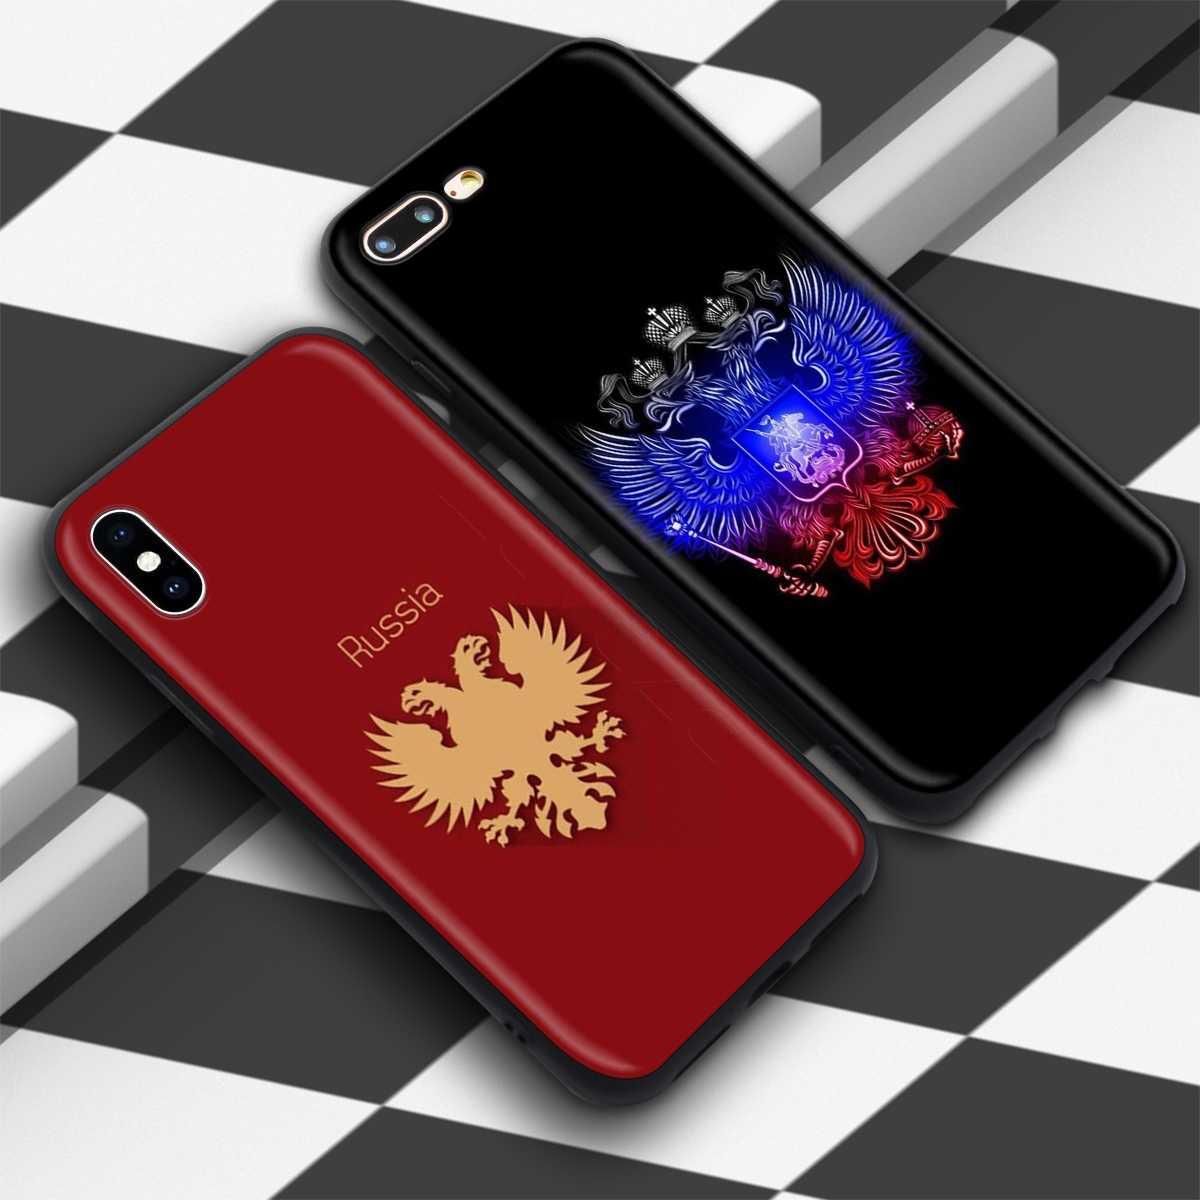 Lavaza Rússia Braços Caso Águia para iPhone 11 XS Pro Max XR X 8 7 6 6S Plus 5 5S se